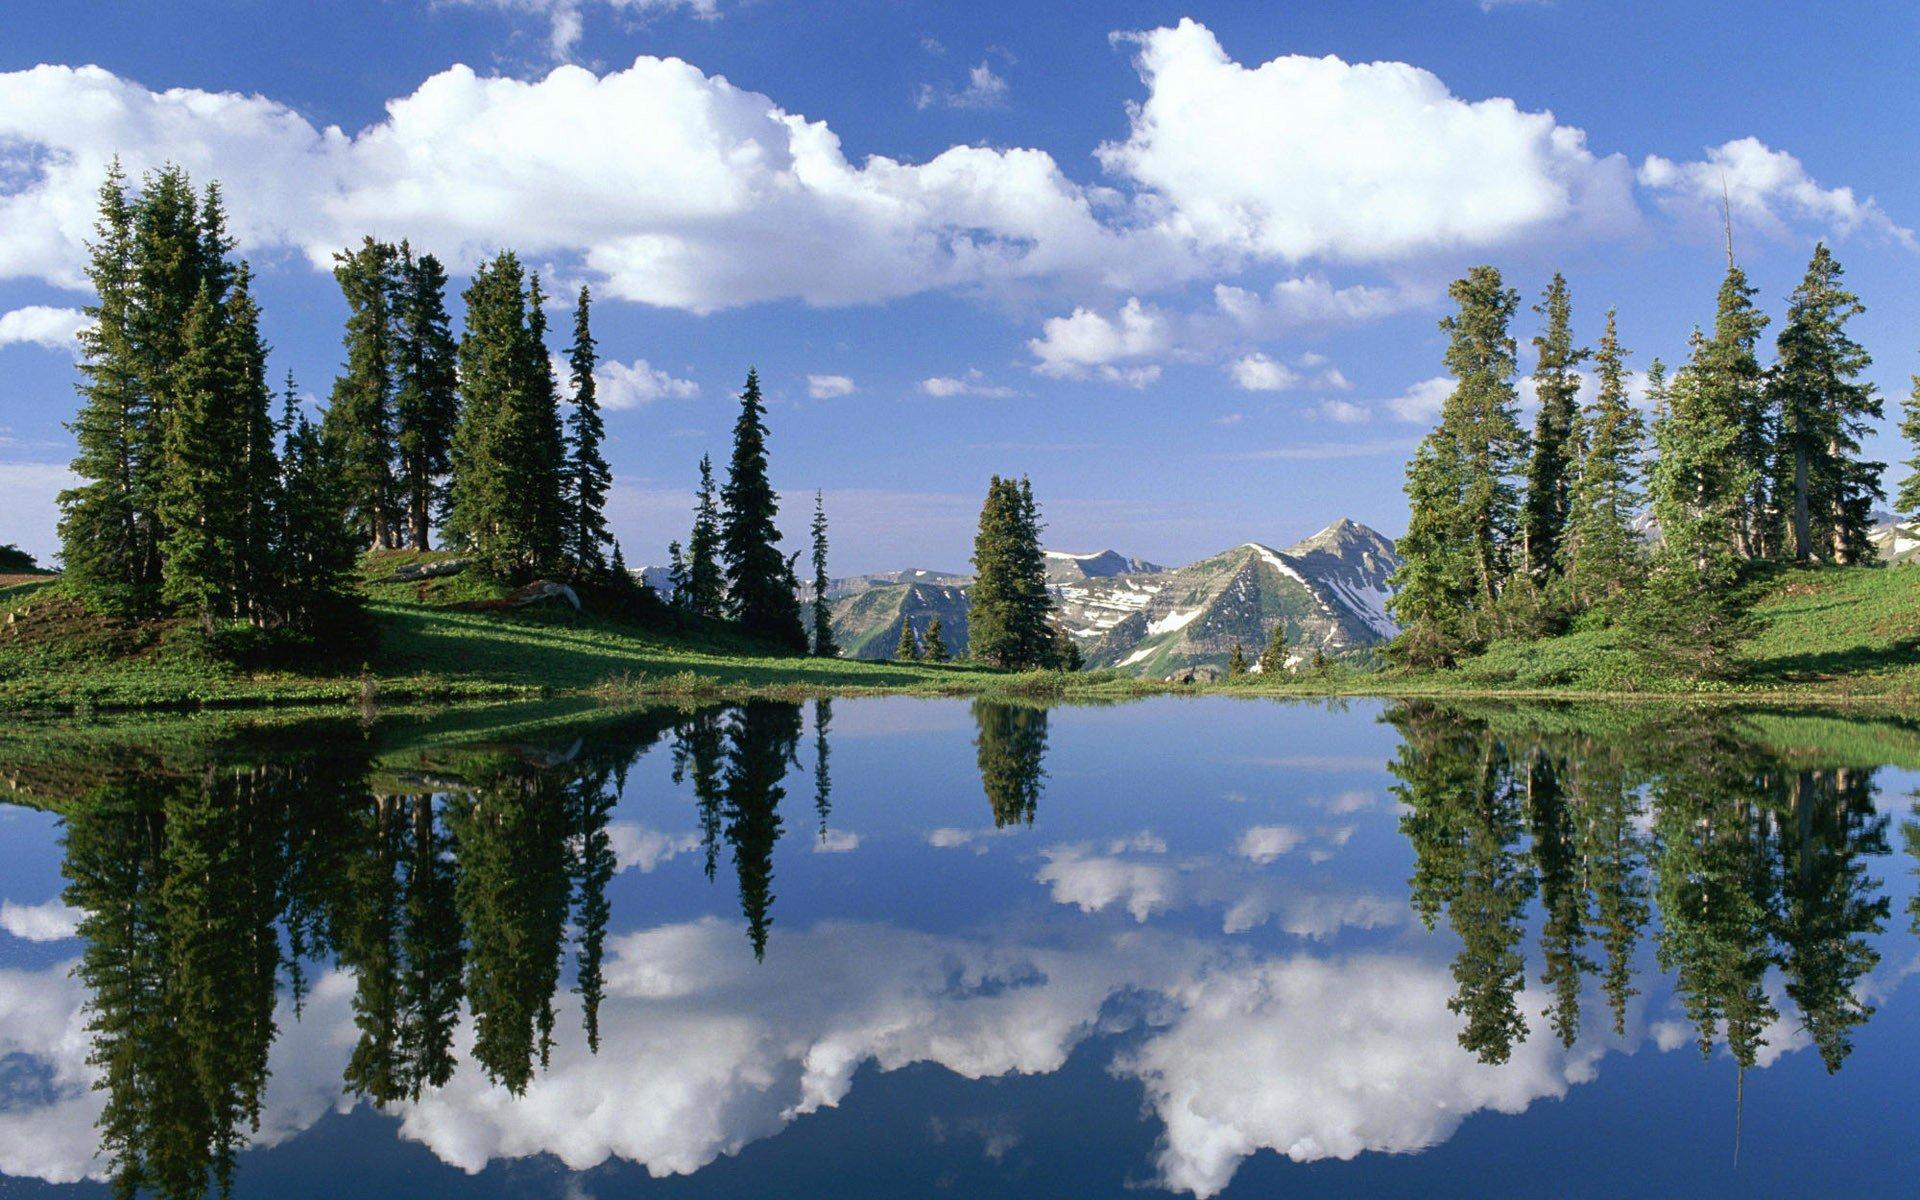 汽车图片壁纸 湖泊山水图片壁纸 国内最美山水湖泊风景 _壁纸素材_百